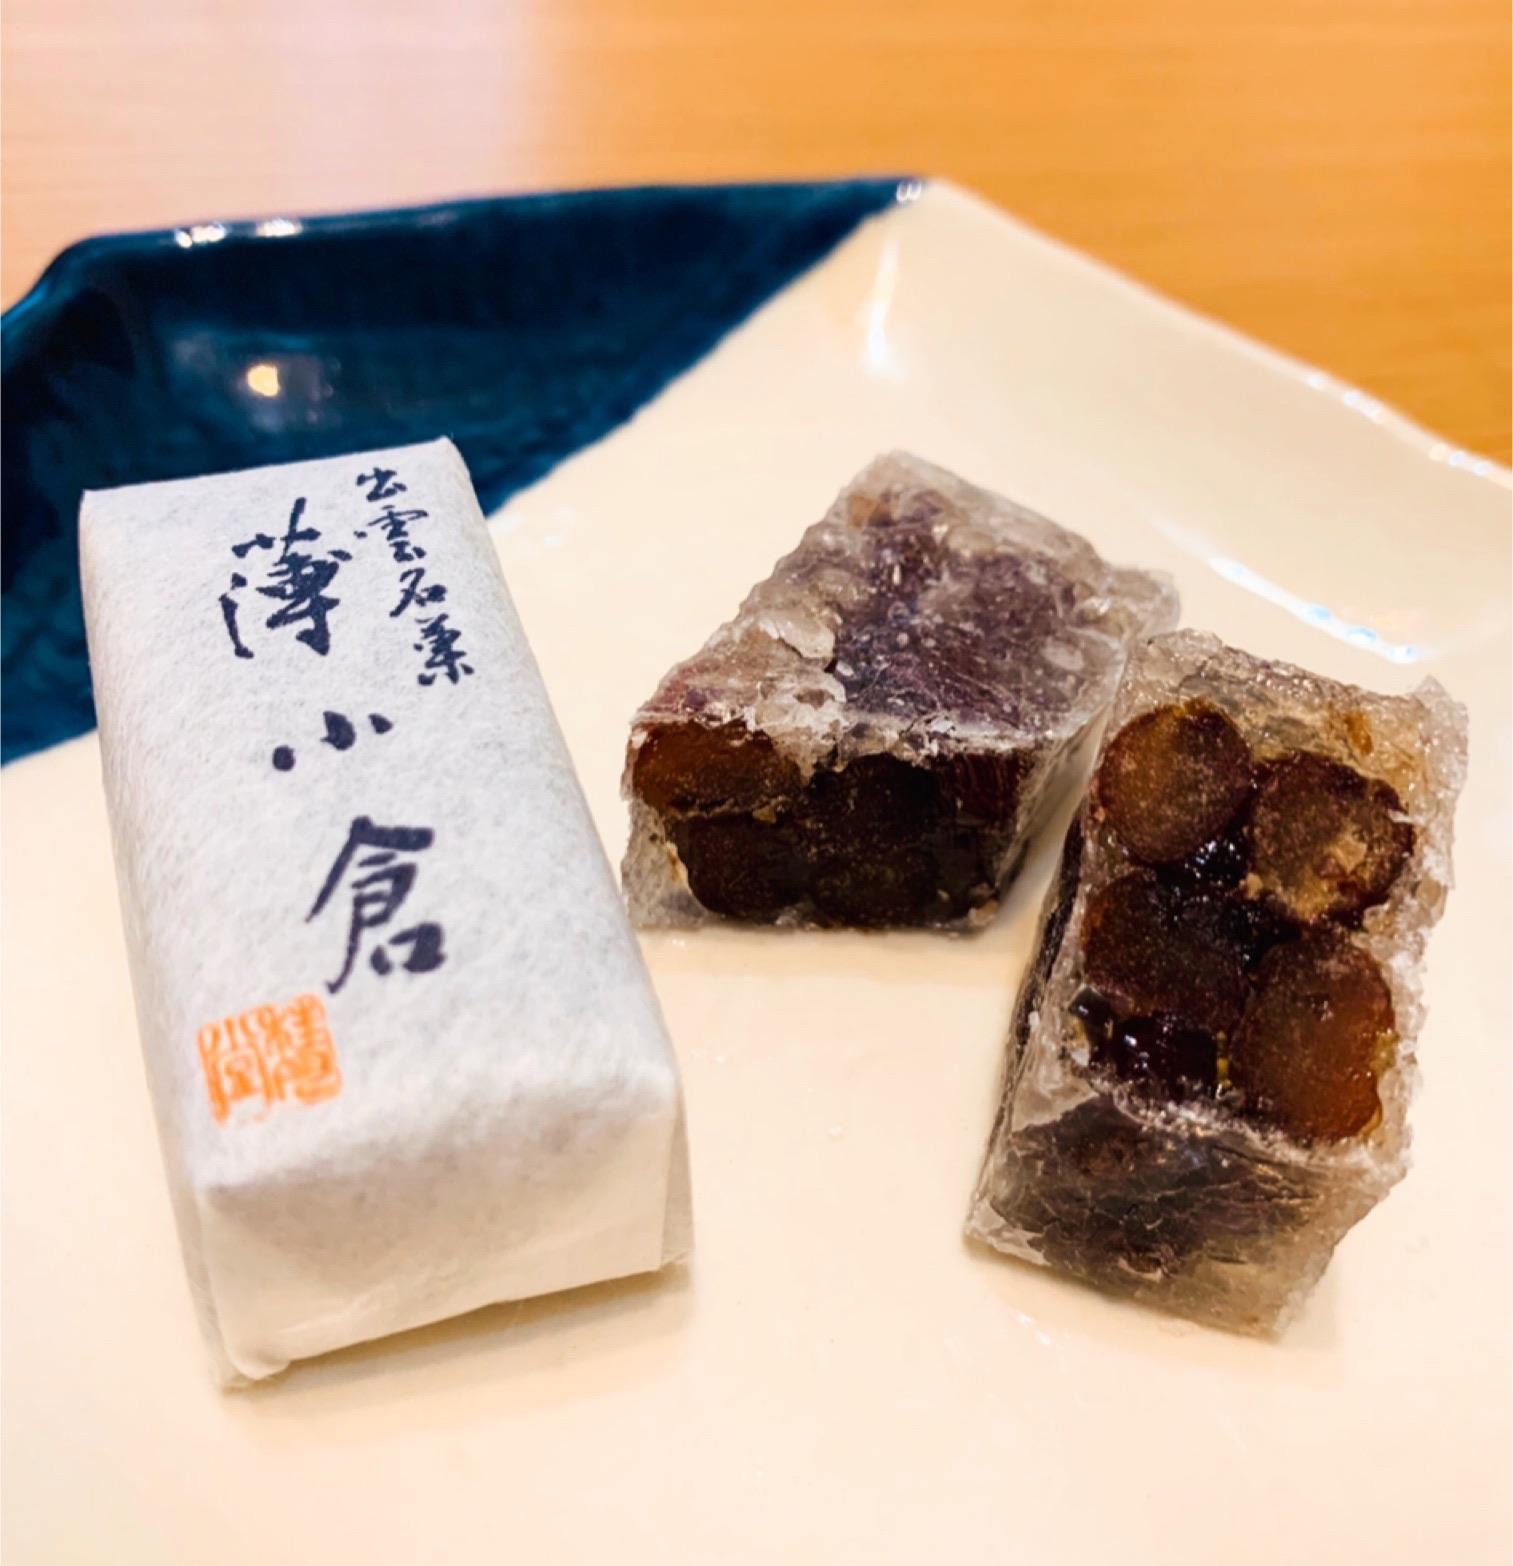 こんな食感の和菓子はじめて!  カリッとシャリっと島根の薄小倉!